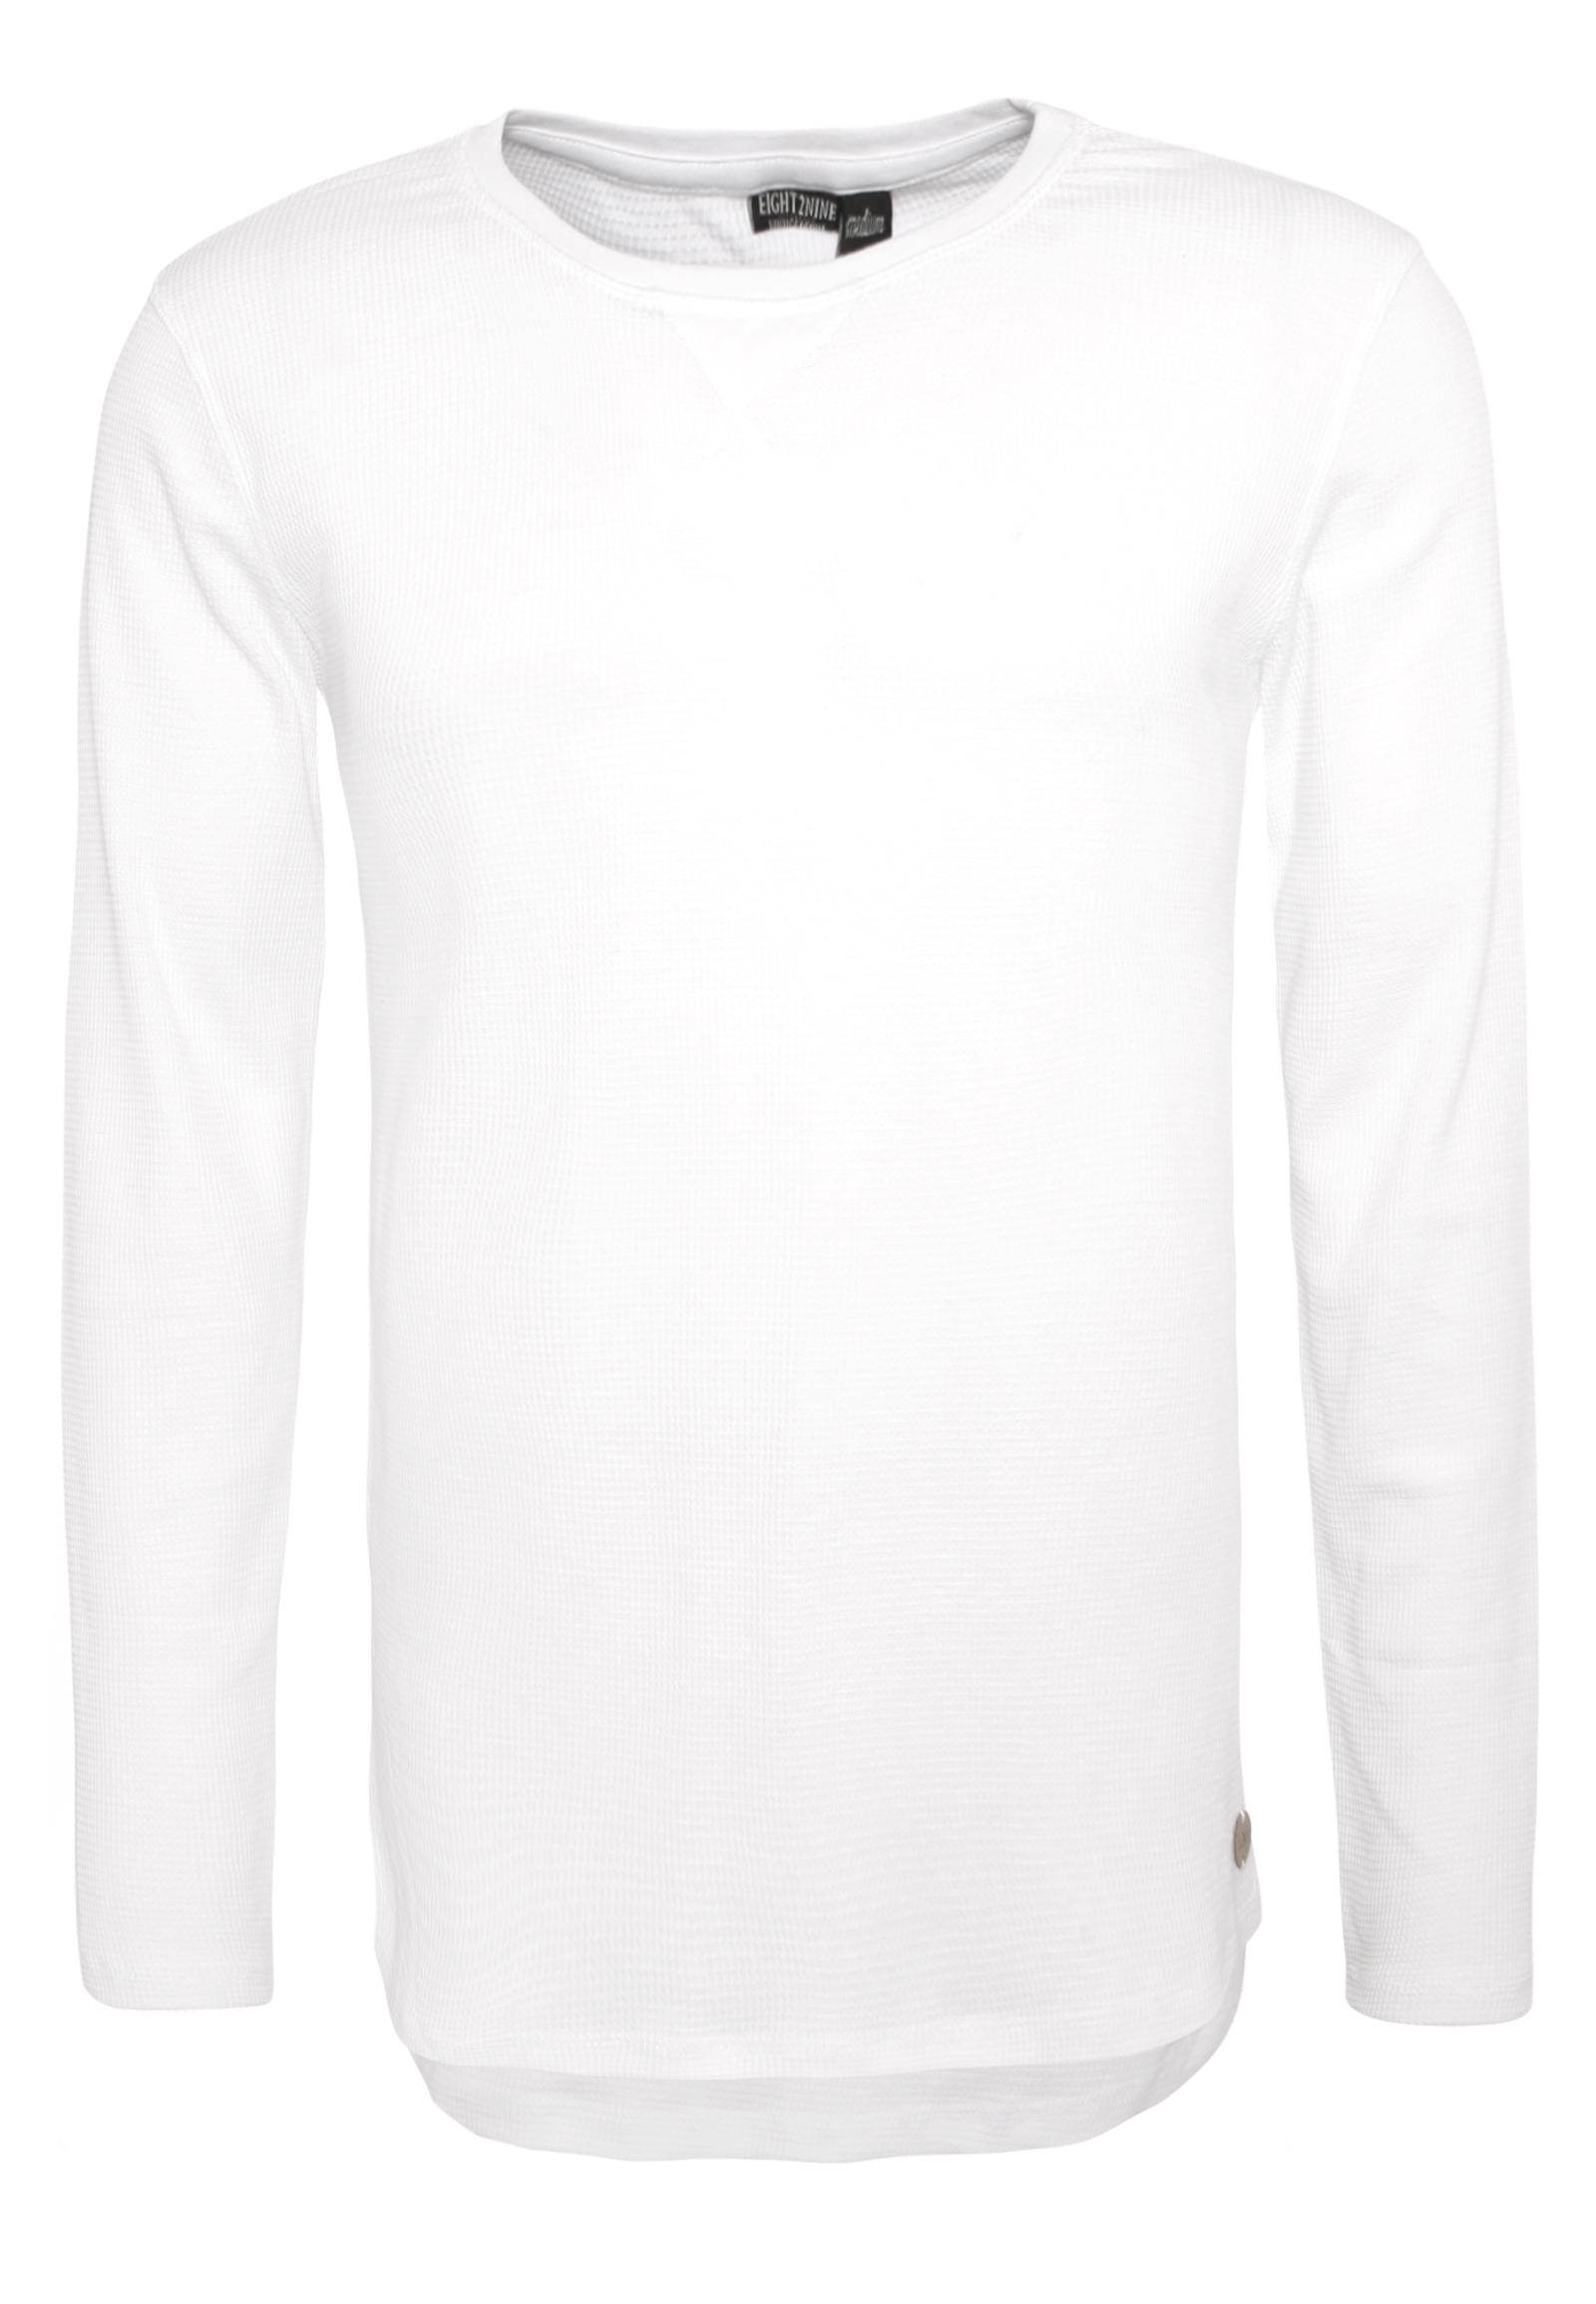 online retailer cd45b 9888f Herren Longsleeve - Rippshirt Eight2Nine